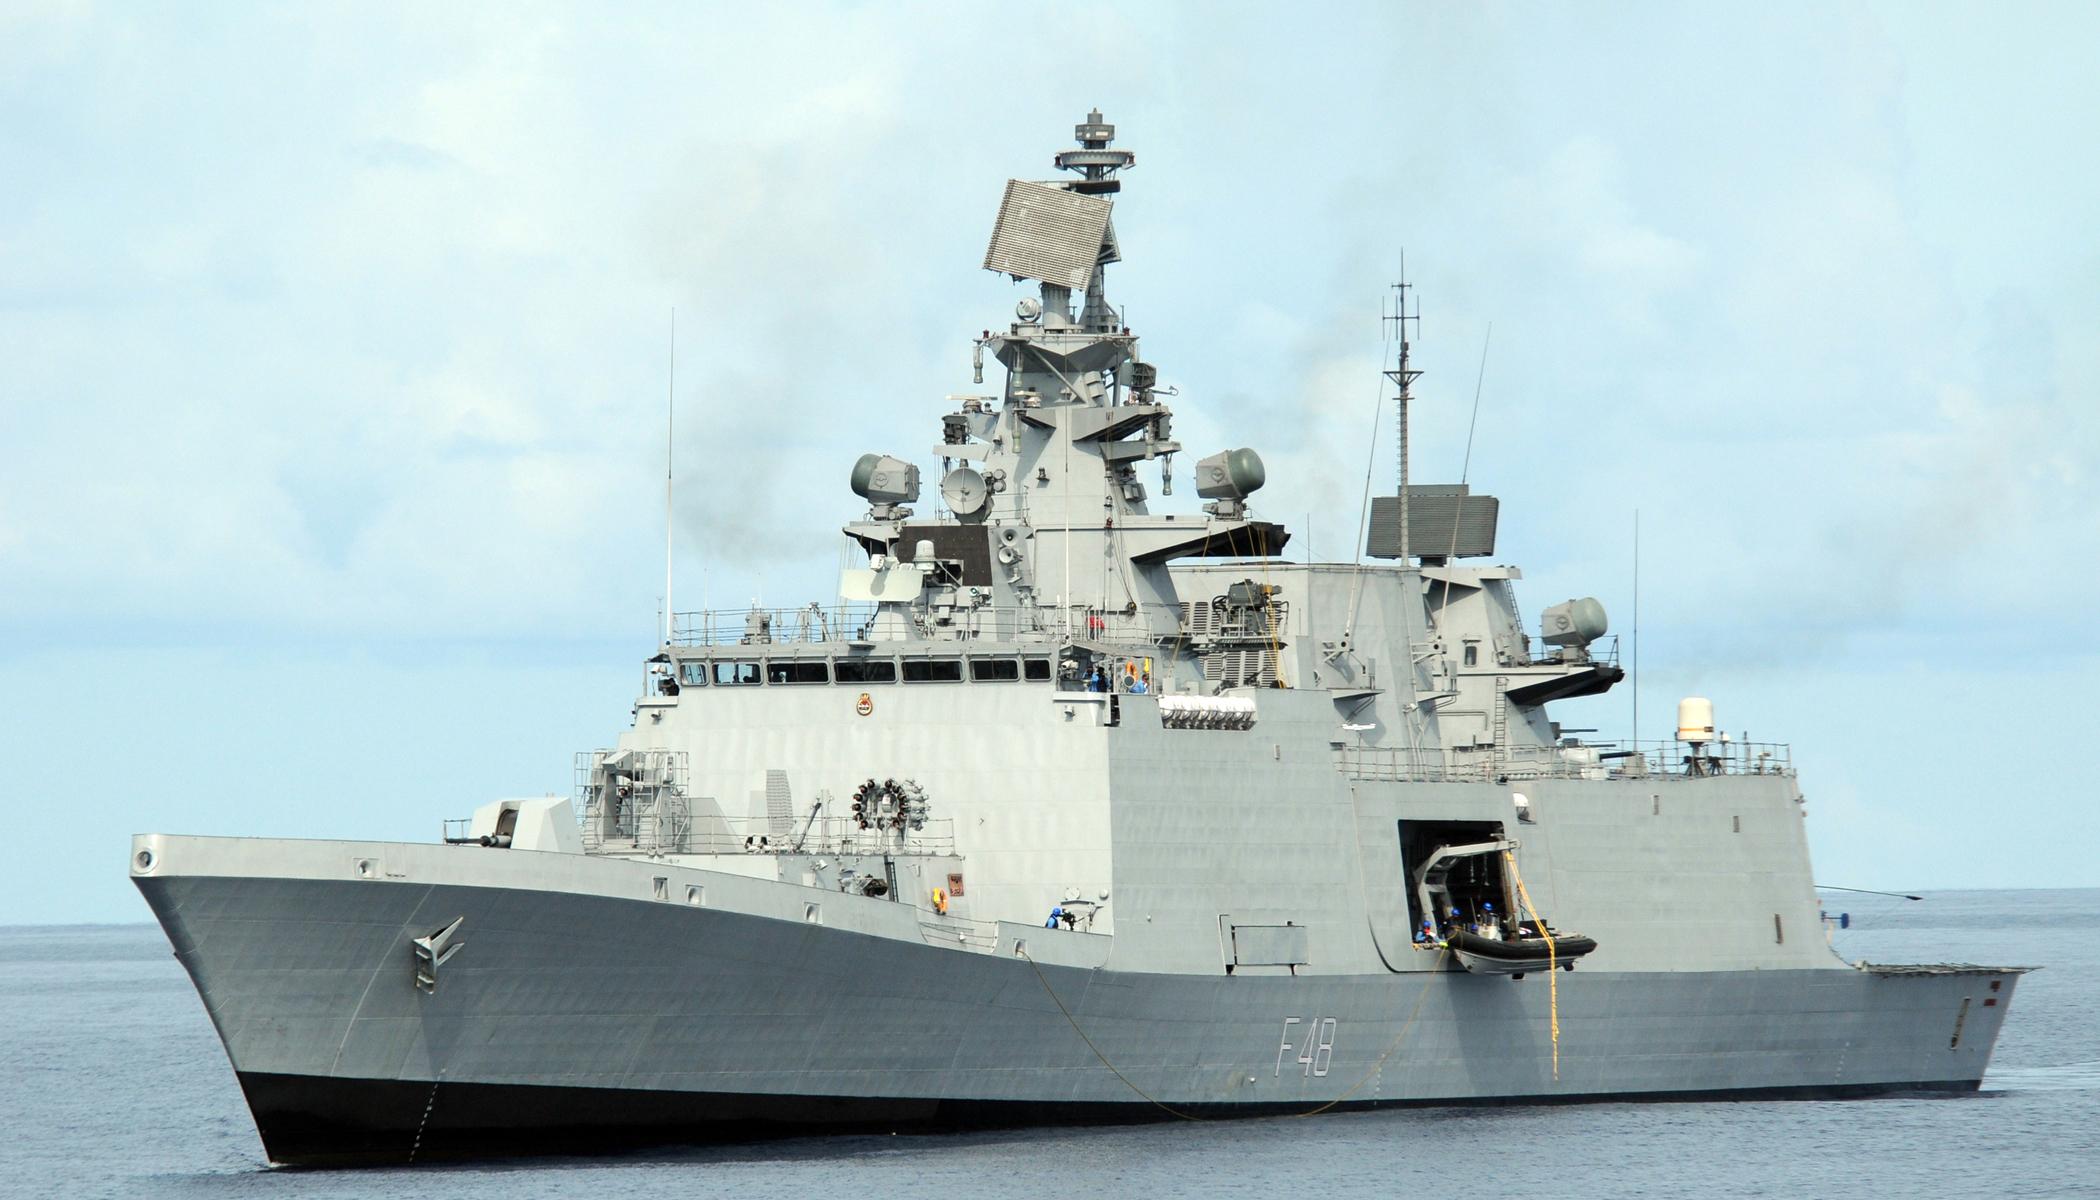 Động thái này của Ấn Độ được cho là nhằm ủng hộ các nỗ lực bảo đảm tự do hàng hải ở Biển Đông